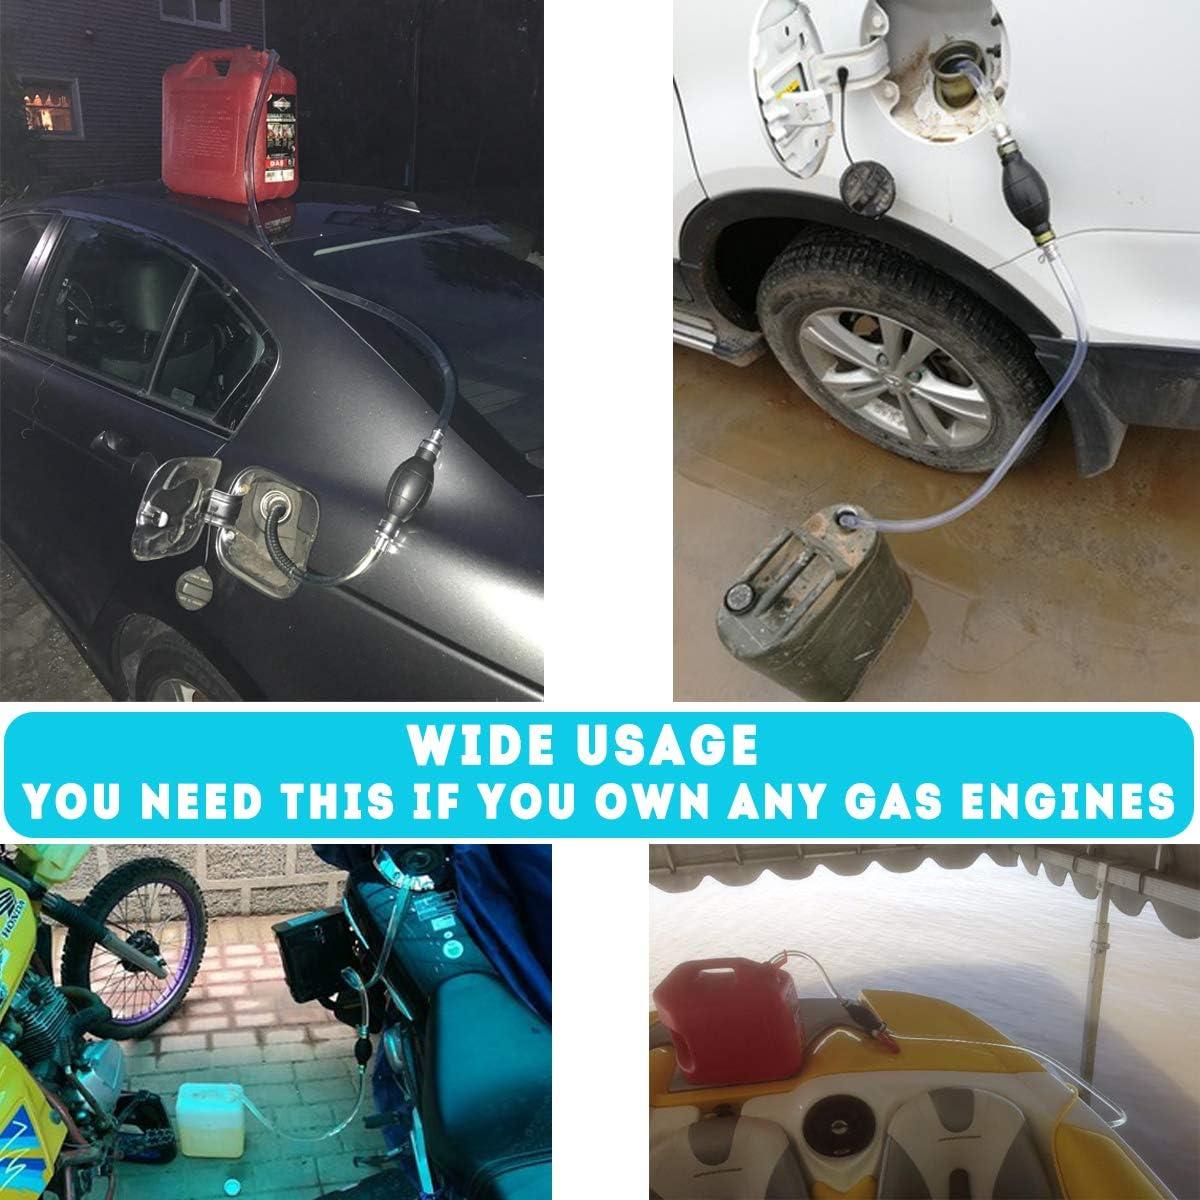 Syphon Pumps Siphon Hose for Gasoline Fluid Fuel Diesel Transfer Pump,2 Durable Pvc Transfer Hoses Gasoline Siphon Hose Pump Siphon Pump Gas Transfer Oil Water Fuel Gas Siphon Hand Pump Siphon Pump